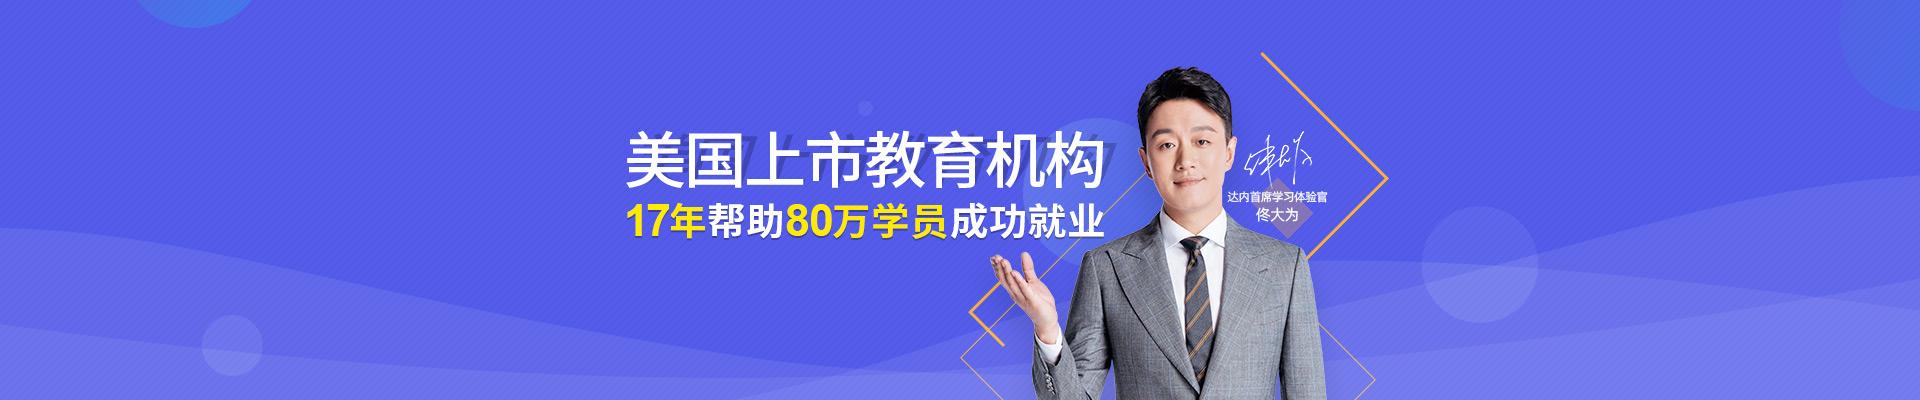 达内教育IT培训沈阳分校